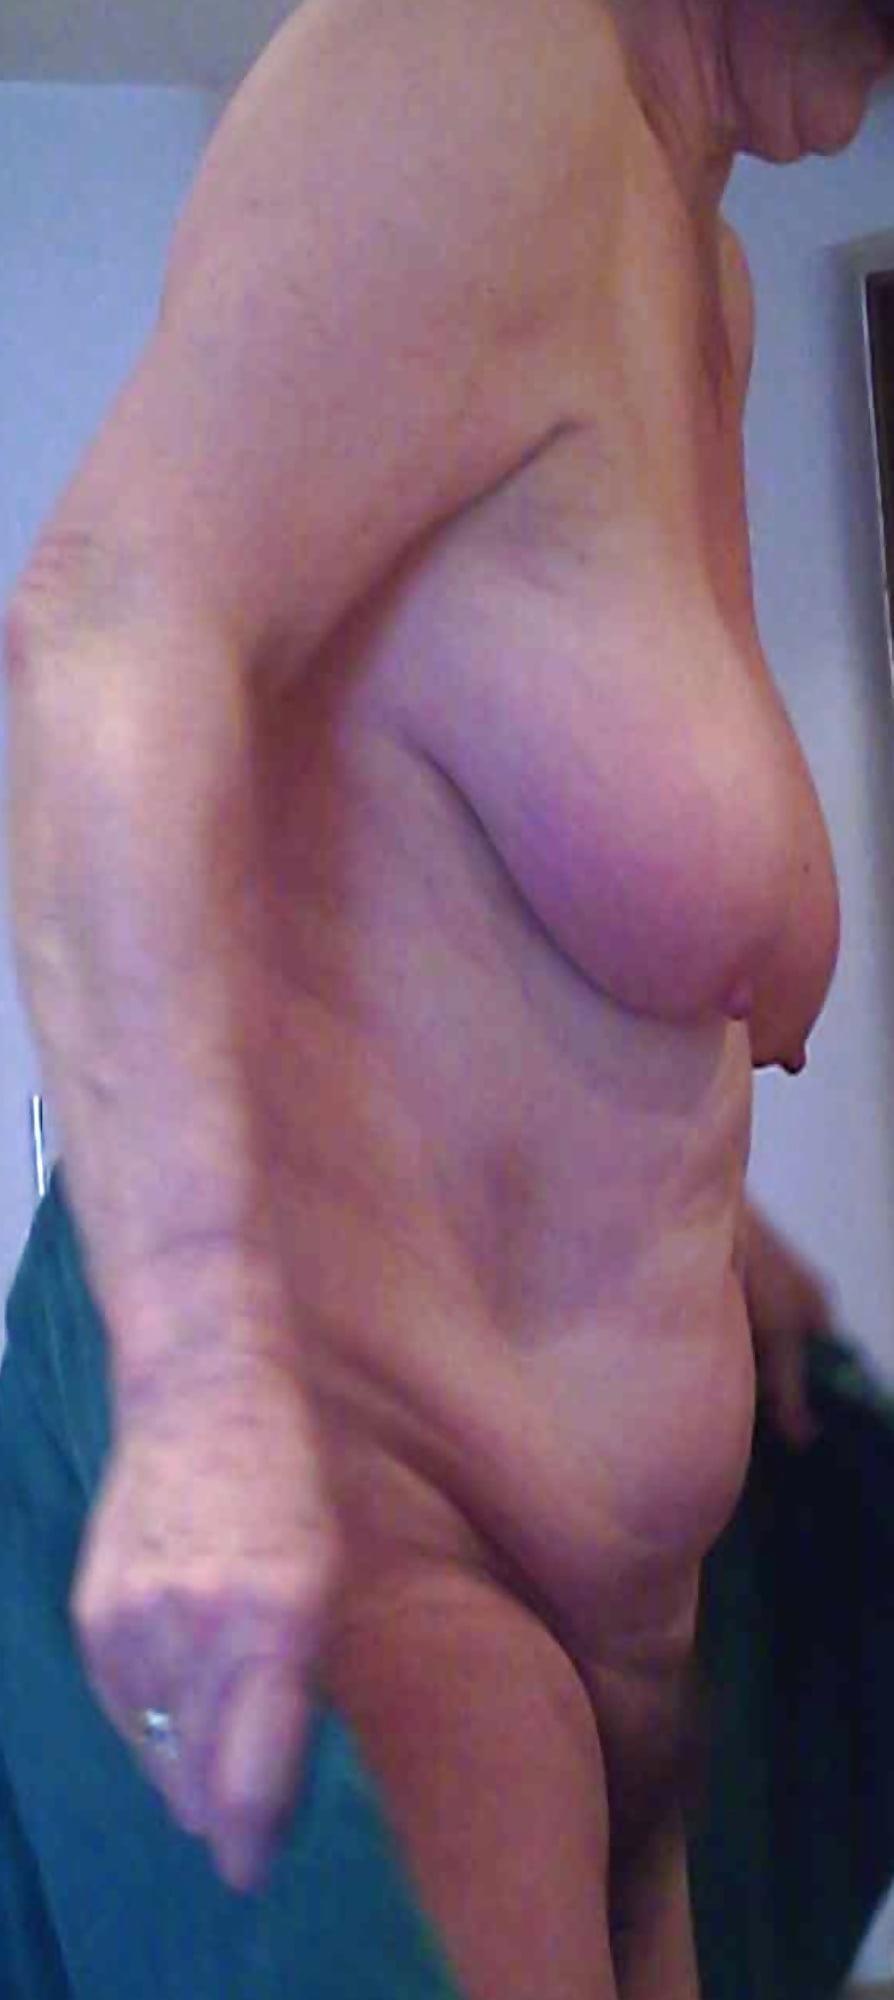 Big tit grannys pics-8772